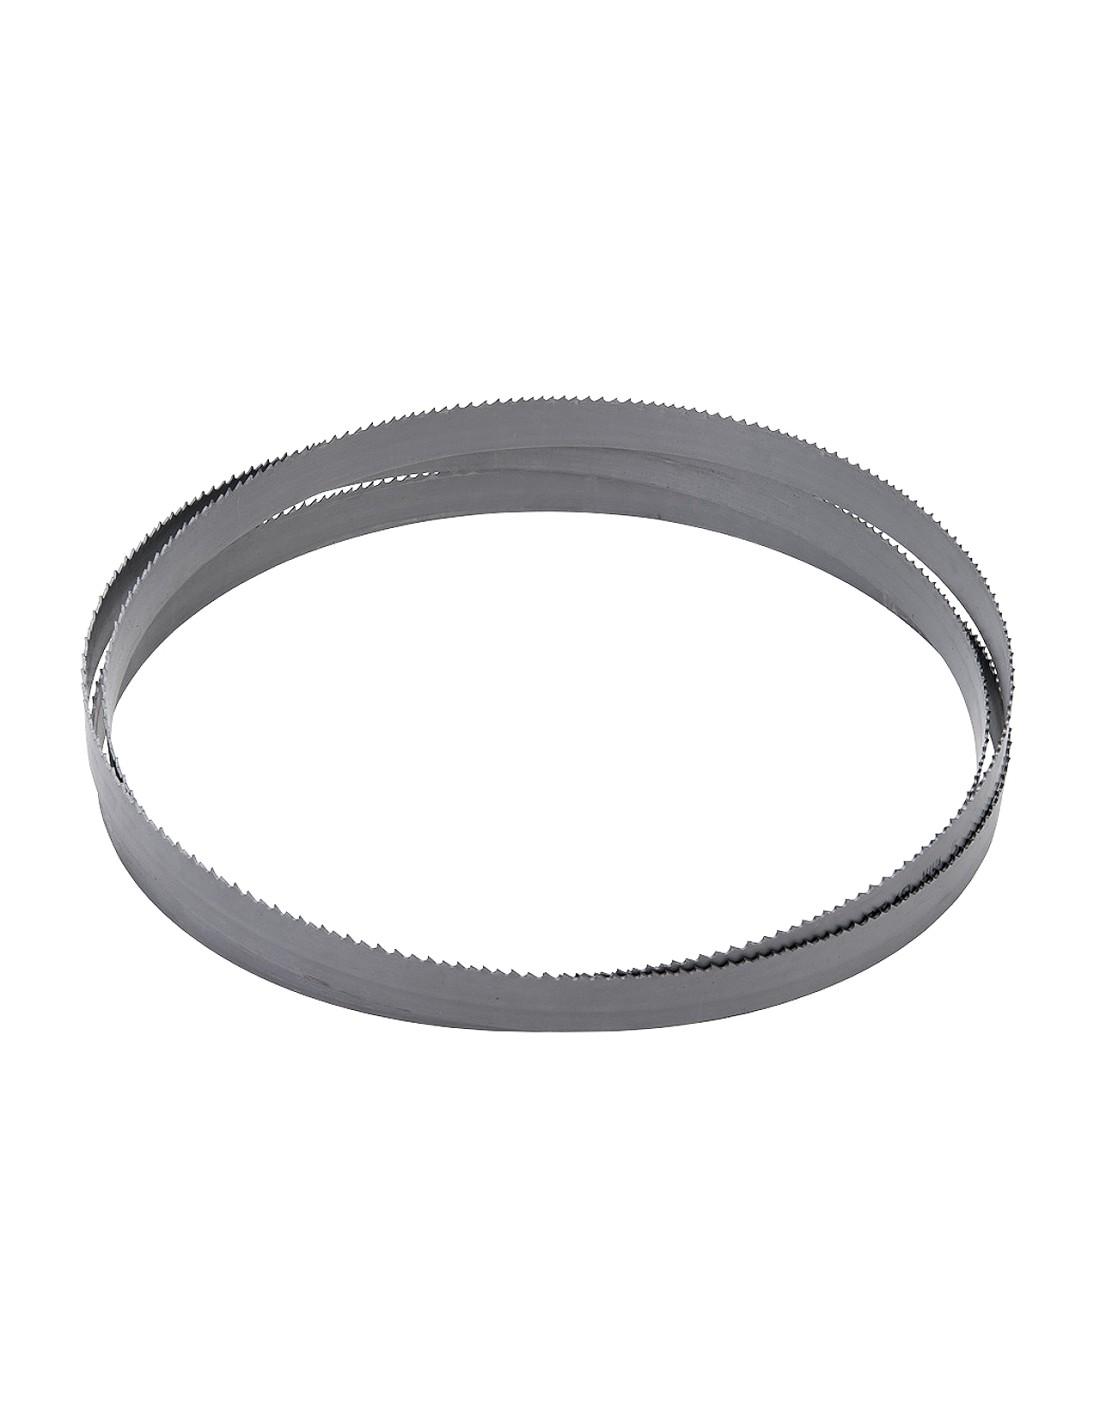 Panza pentru fierastrau cu banda M42 Bi-Metal 2362 x 19,0 x 0,90 mm - 6/10 TPI